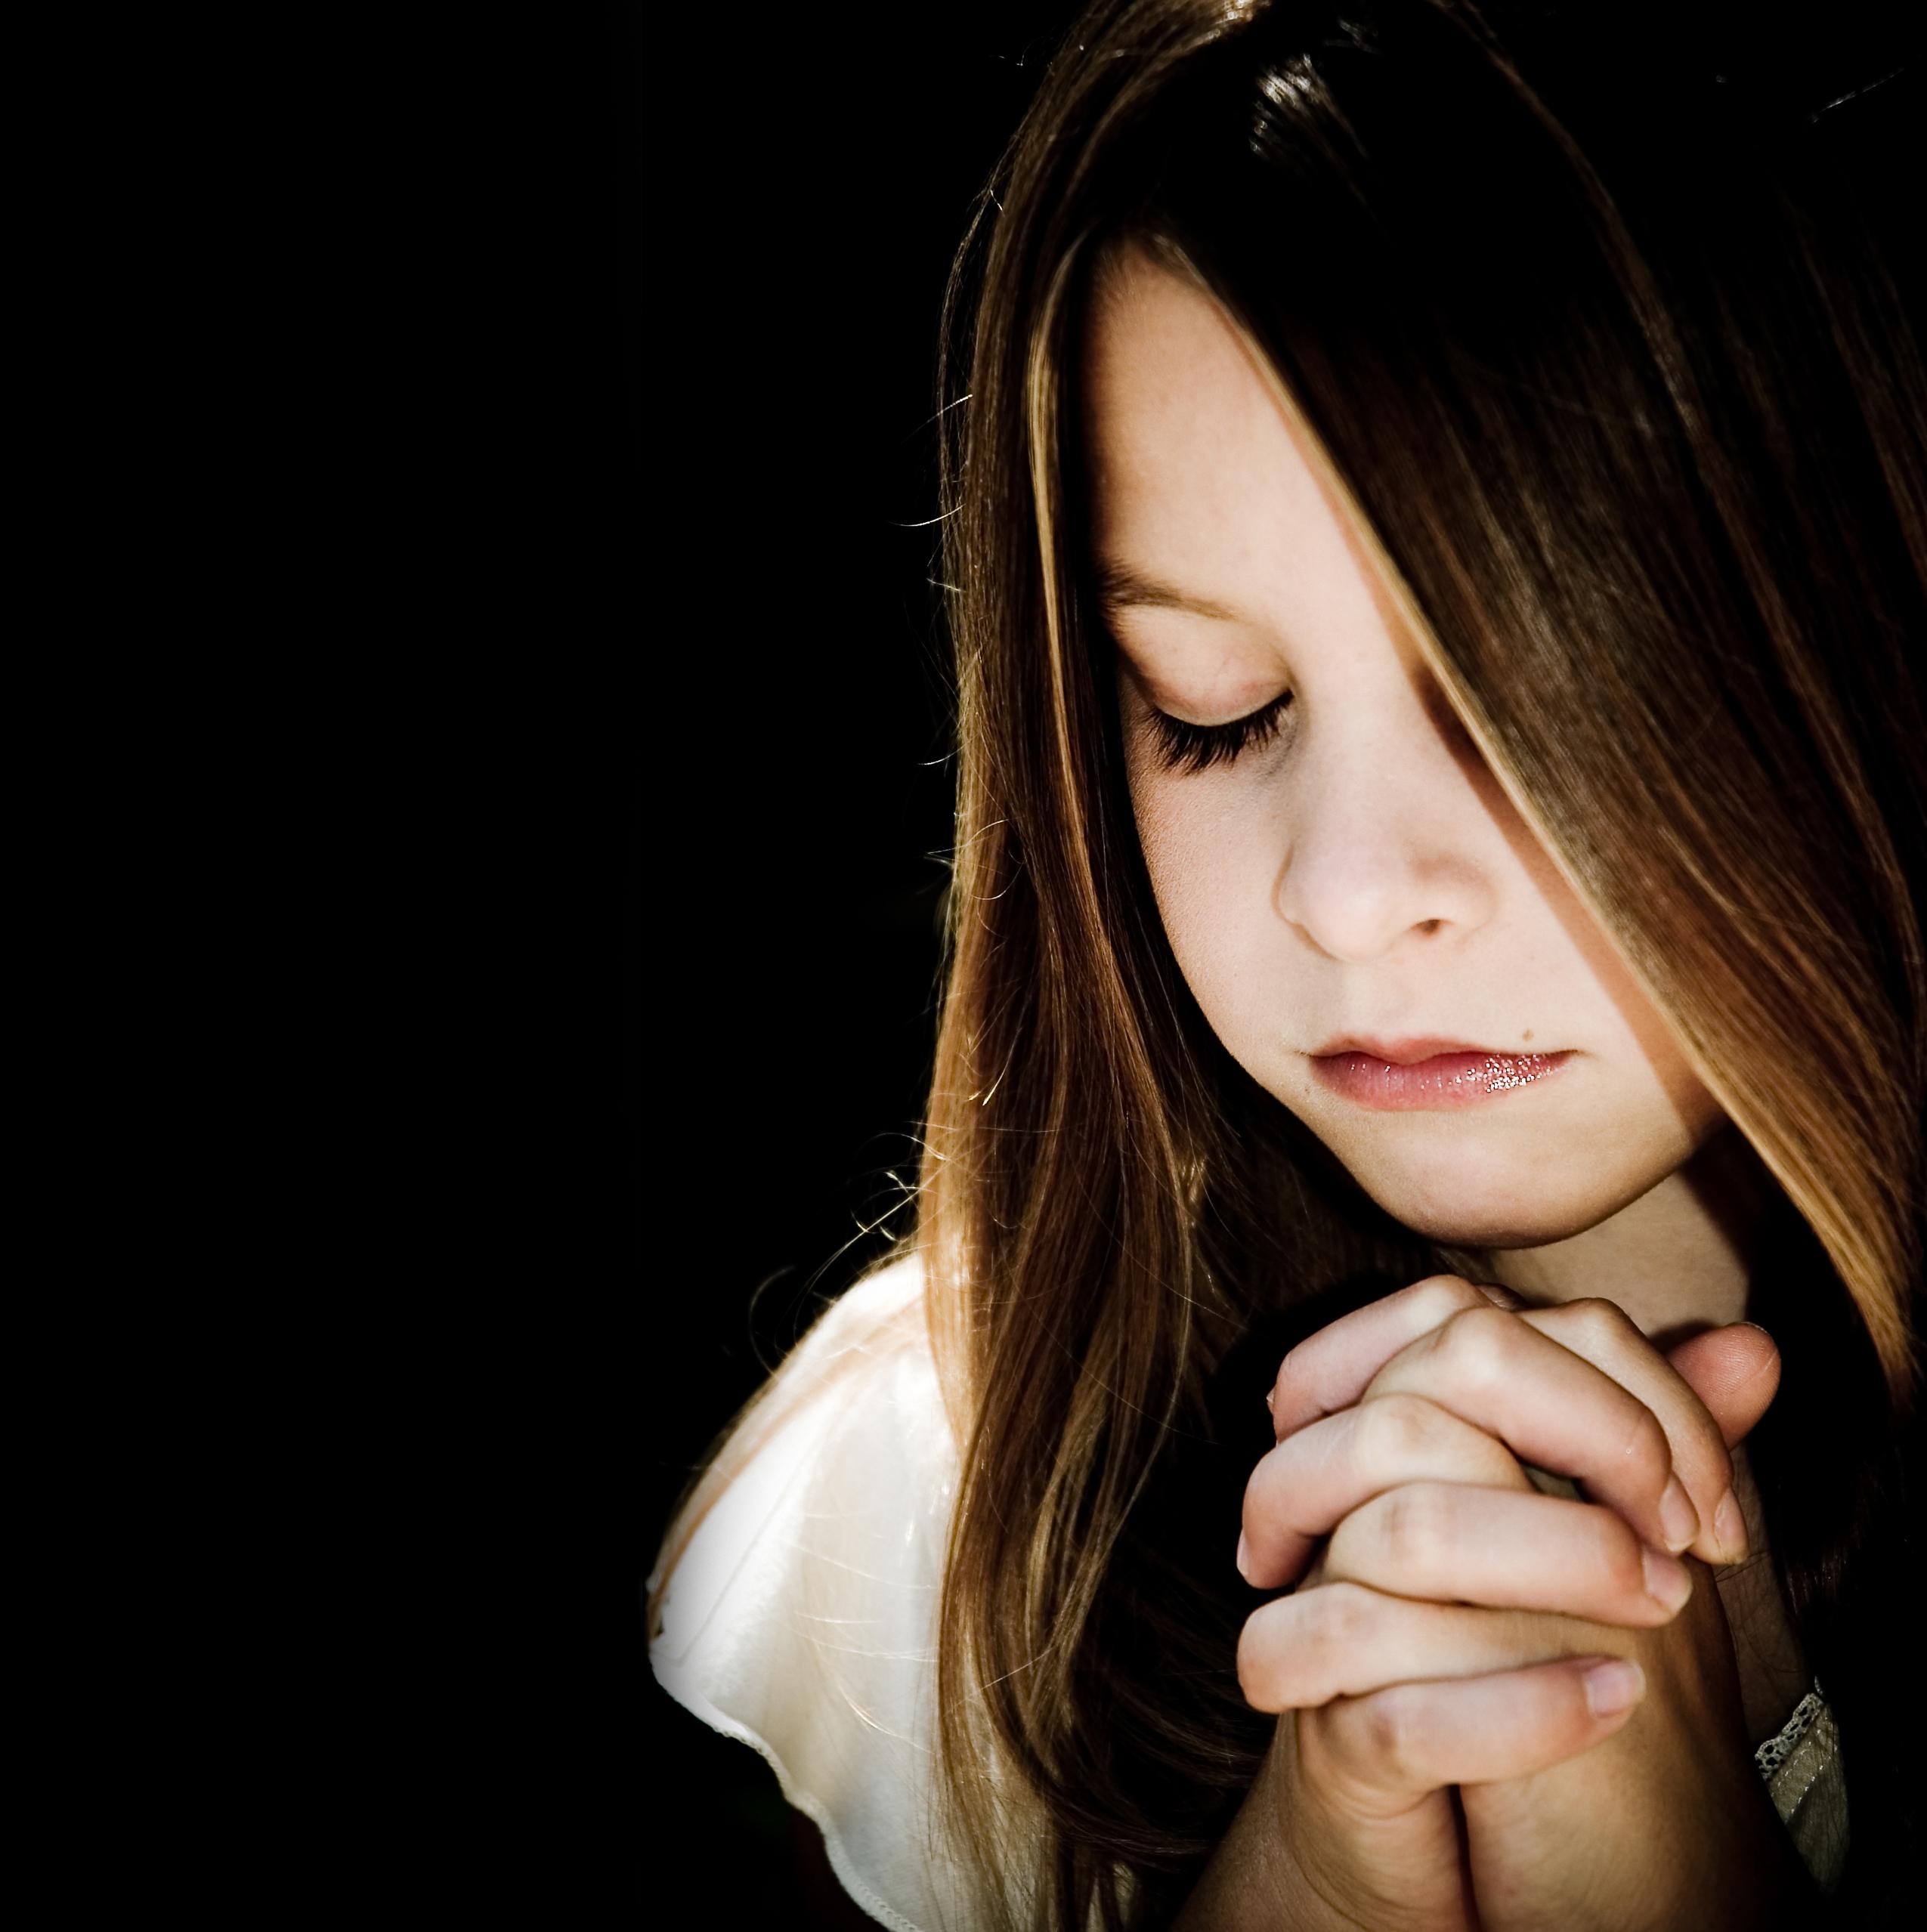 prayer_girl1